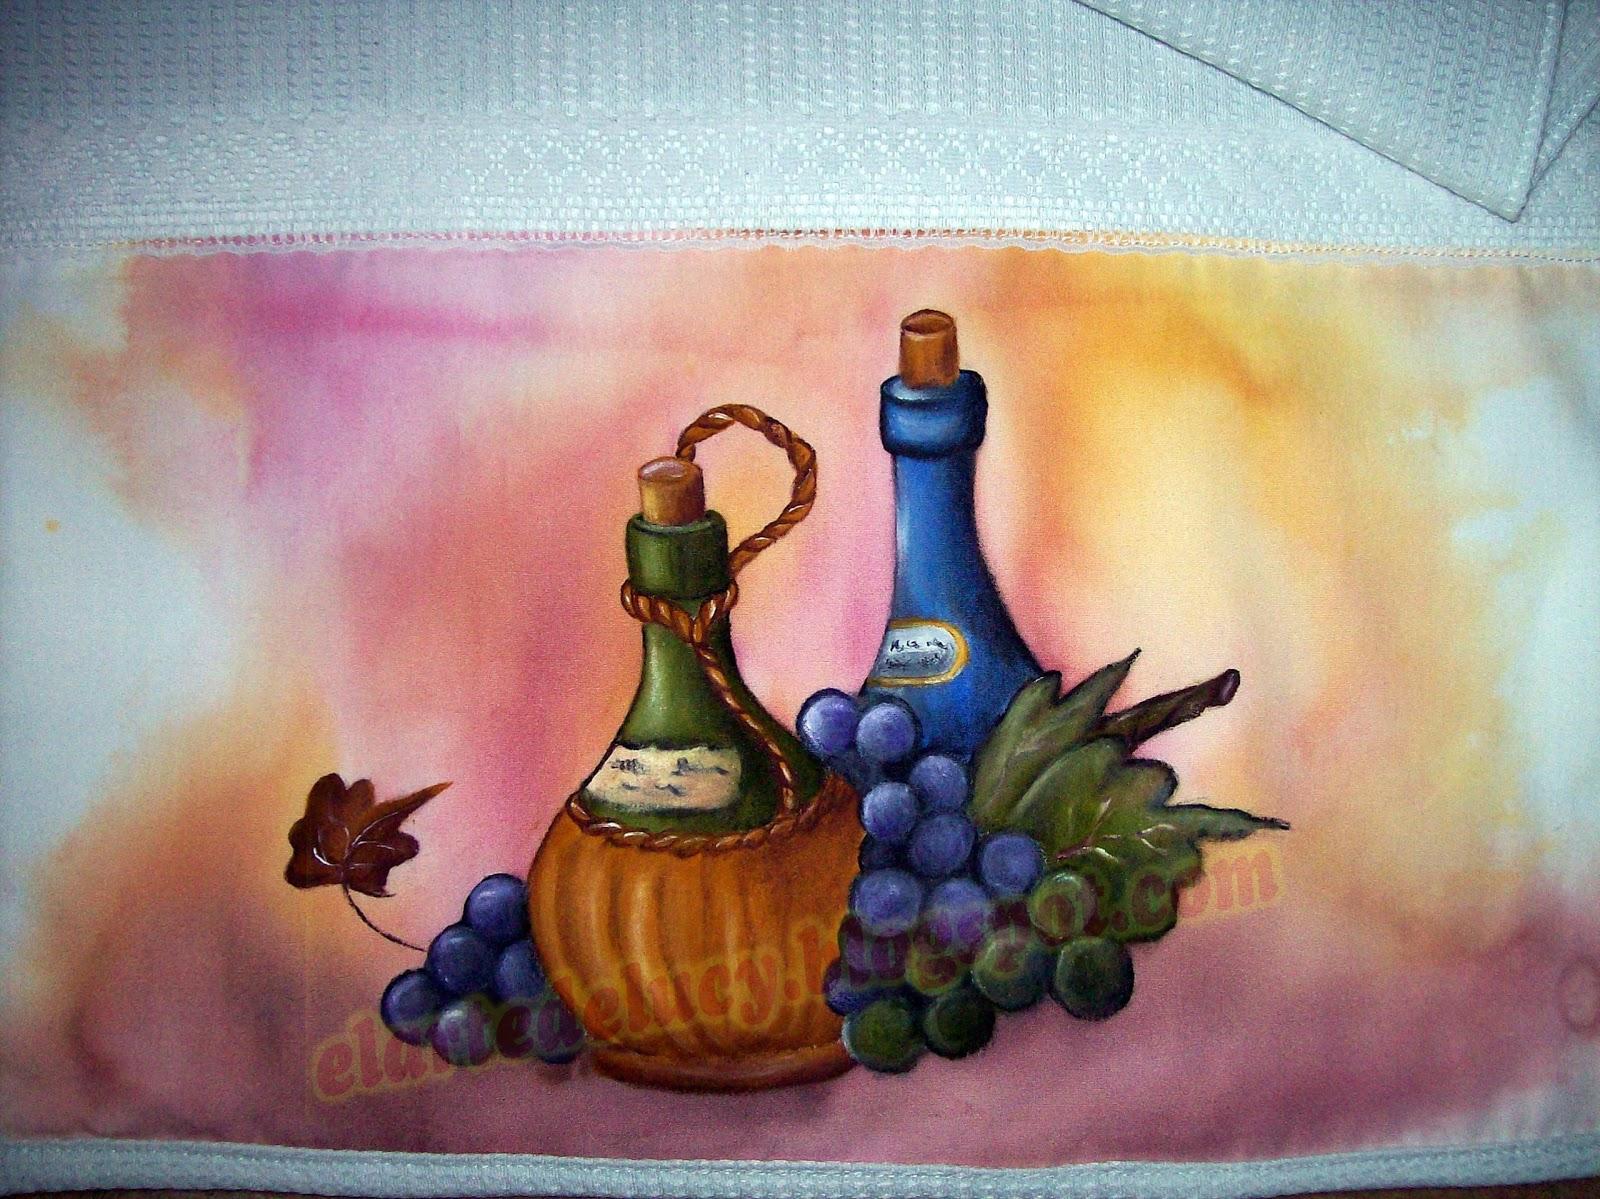 El arte de lucy arte para tu cocina - Dibujos para pintar en tela infantiles ...